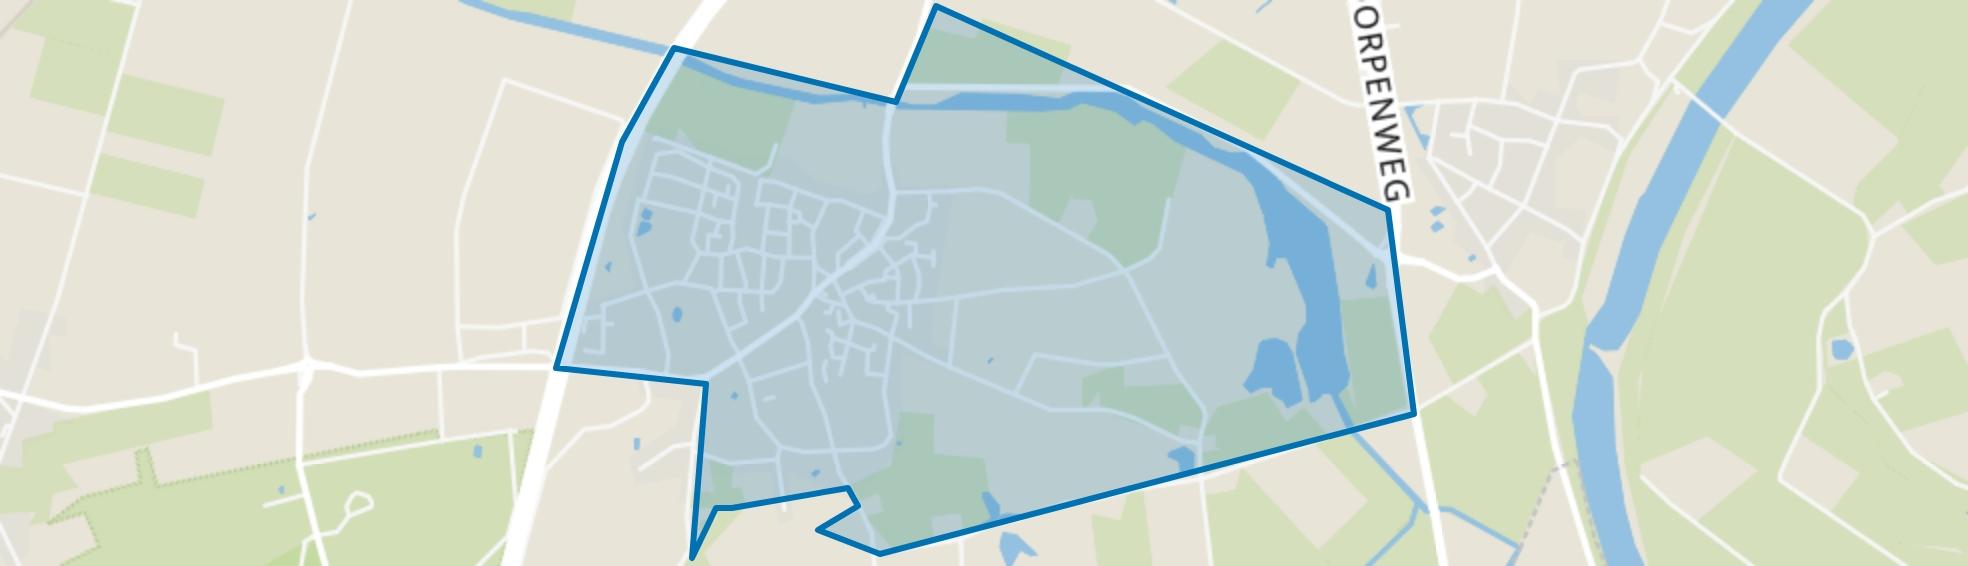 Herpen, Herpen map